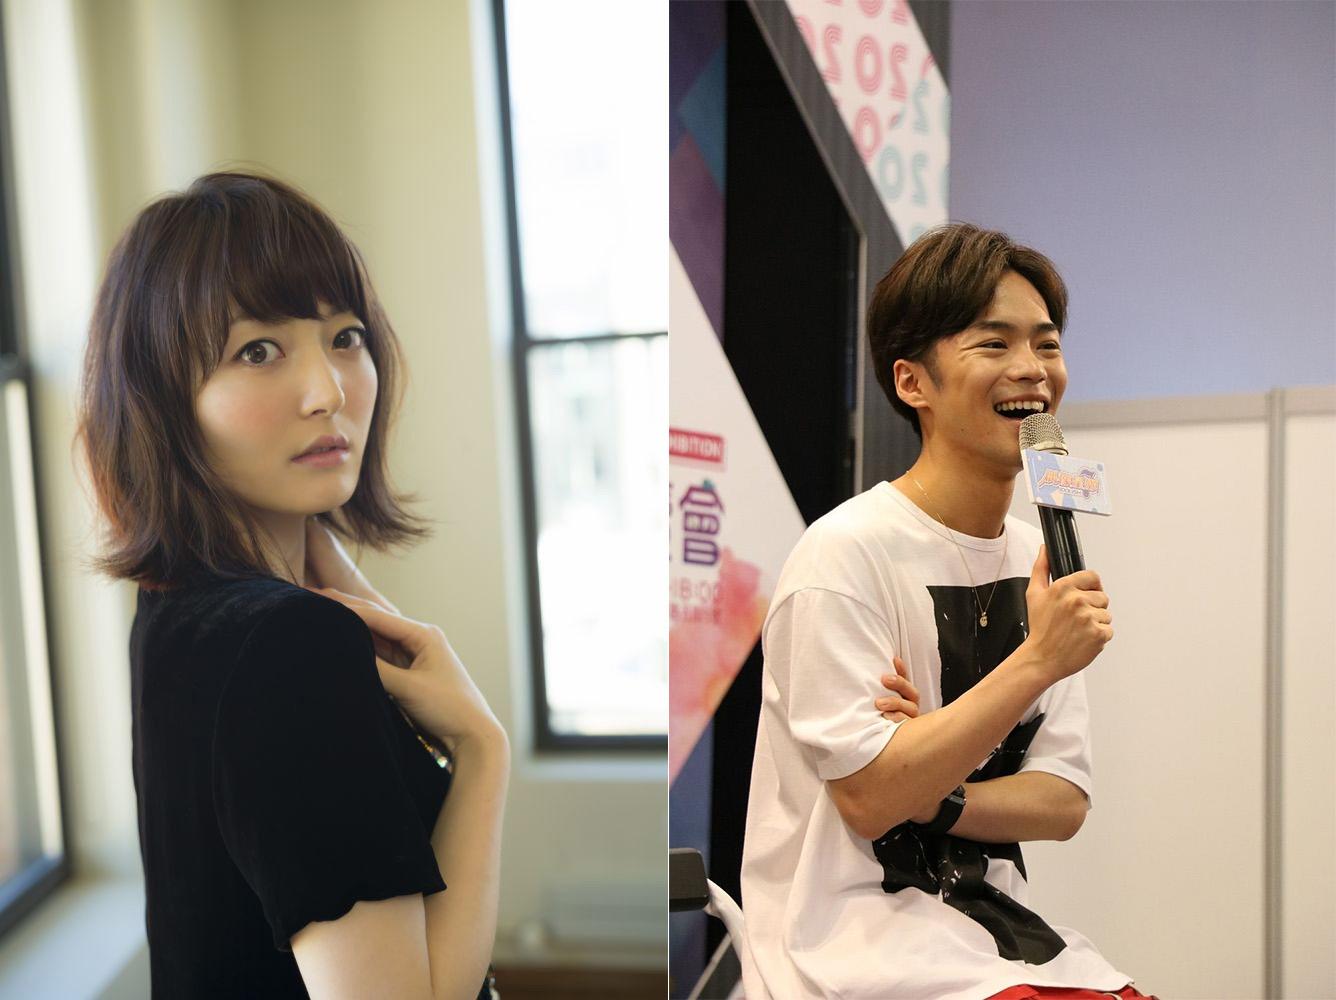 日本知名声优花泽香菜与小野贤章宣布结婚喜讯